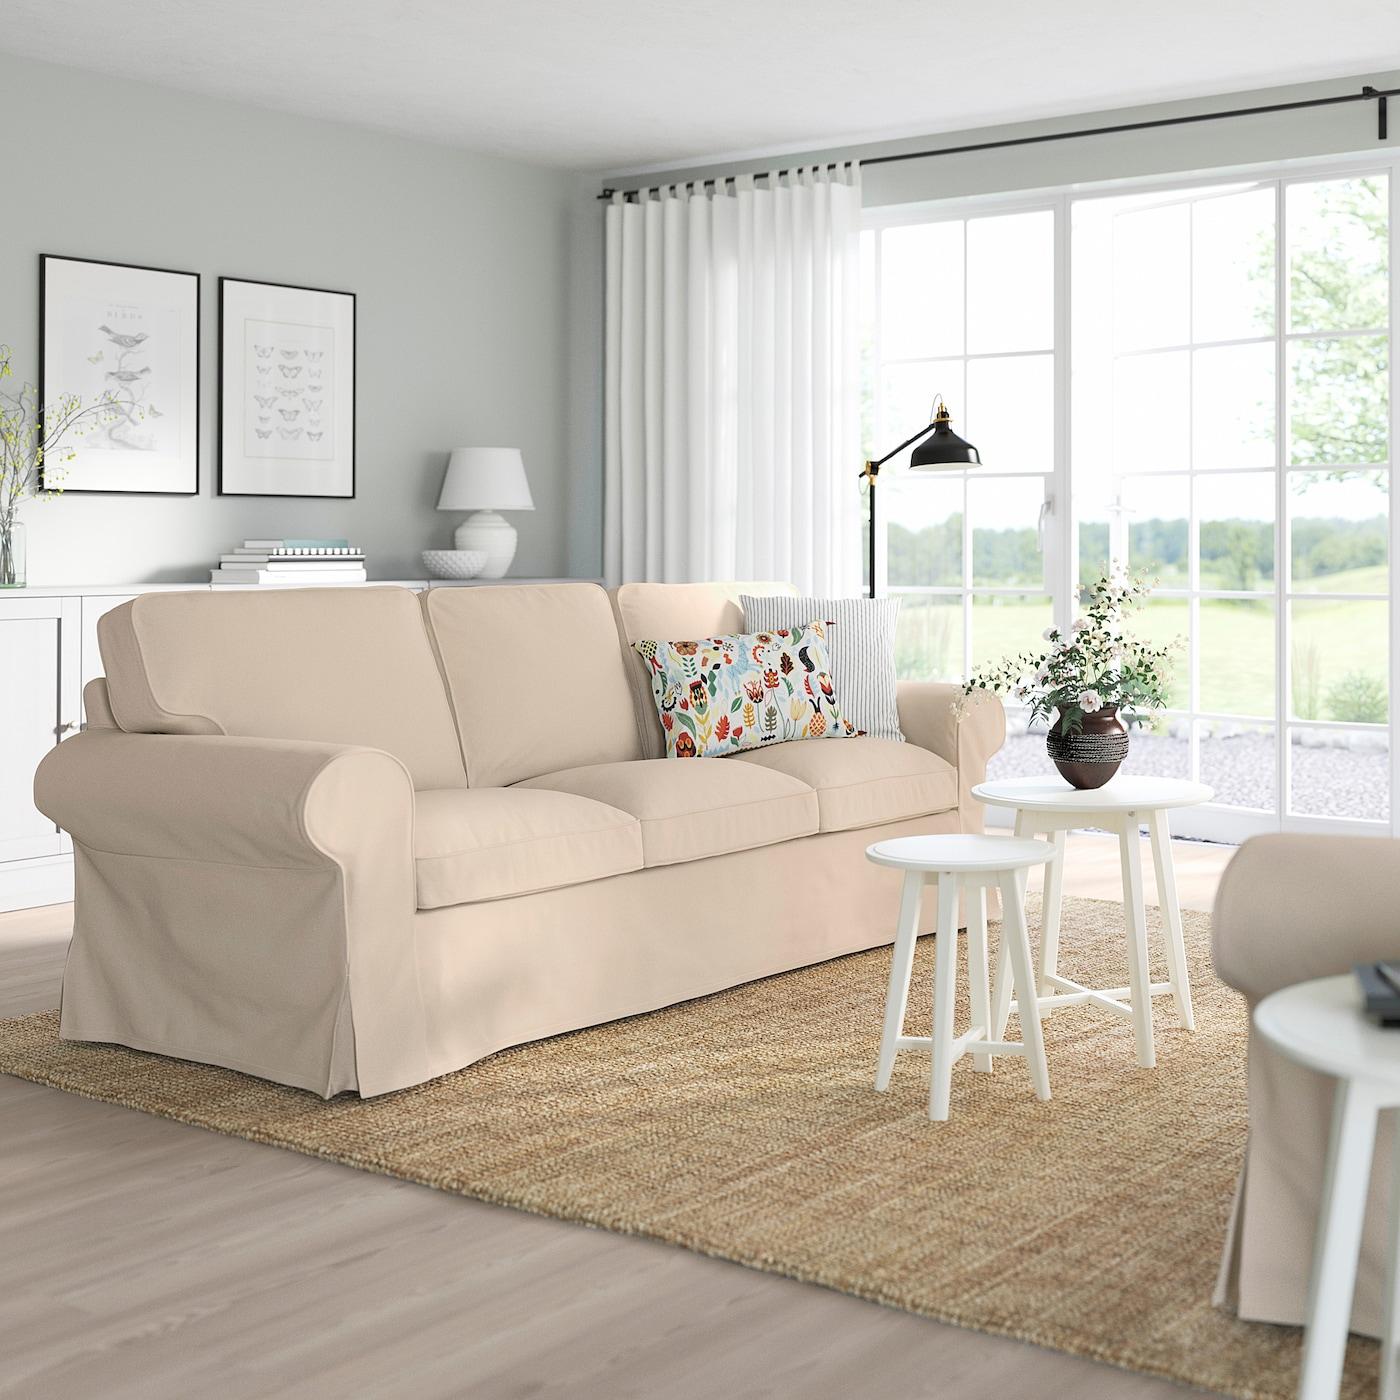 Ektorp 3er Sofa Hallarp Beige Ikea Schweiz